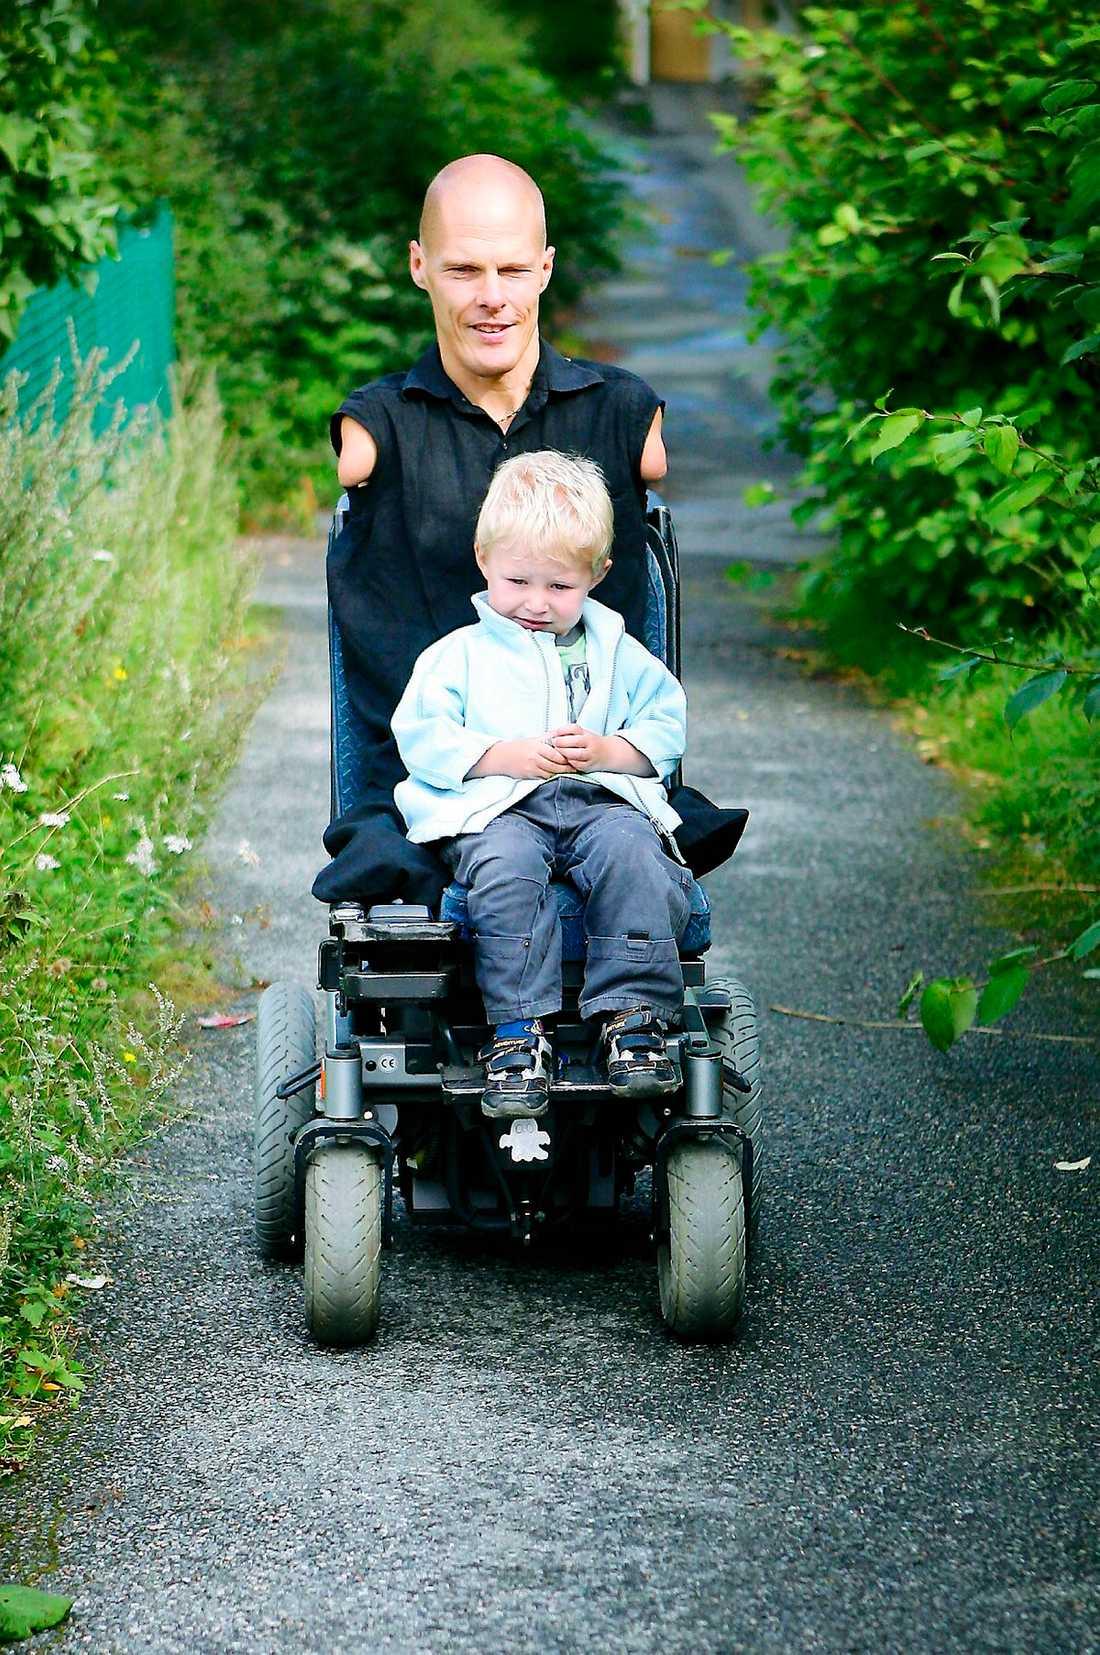 på äventyr. Sonen Linus följer gärna med på en åktur med pappas elektriska rullstol.